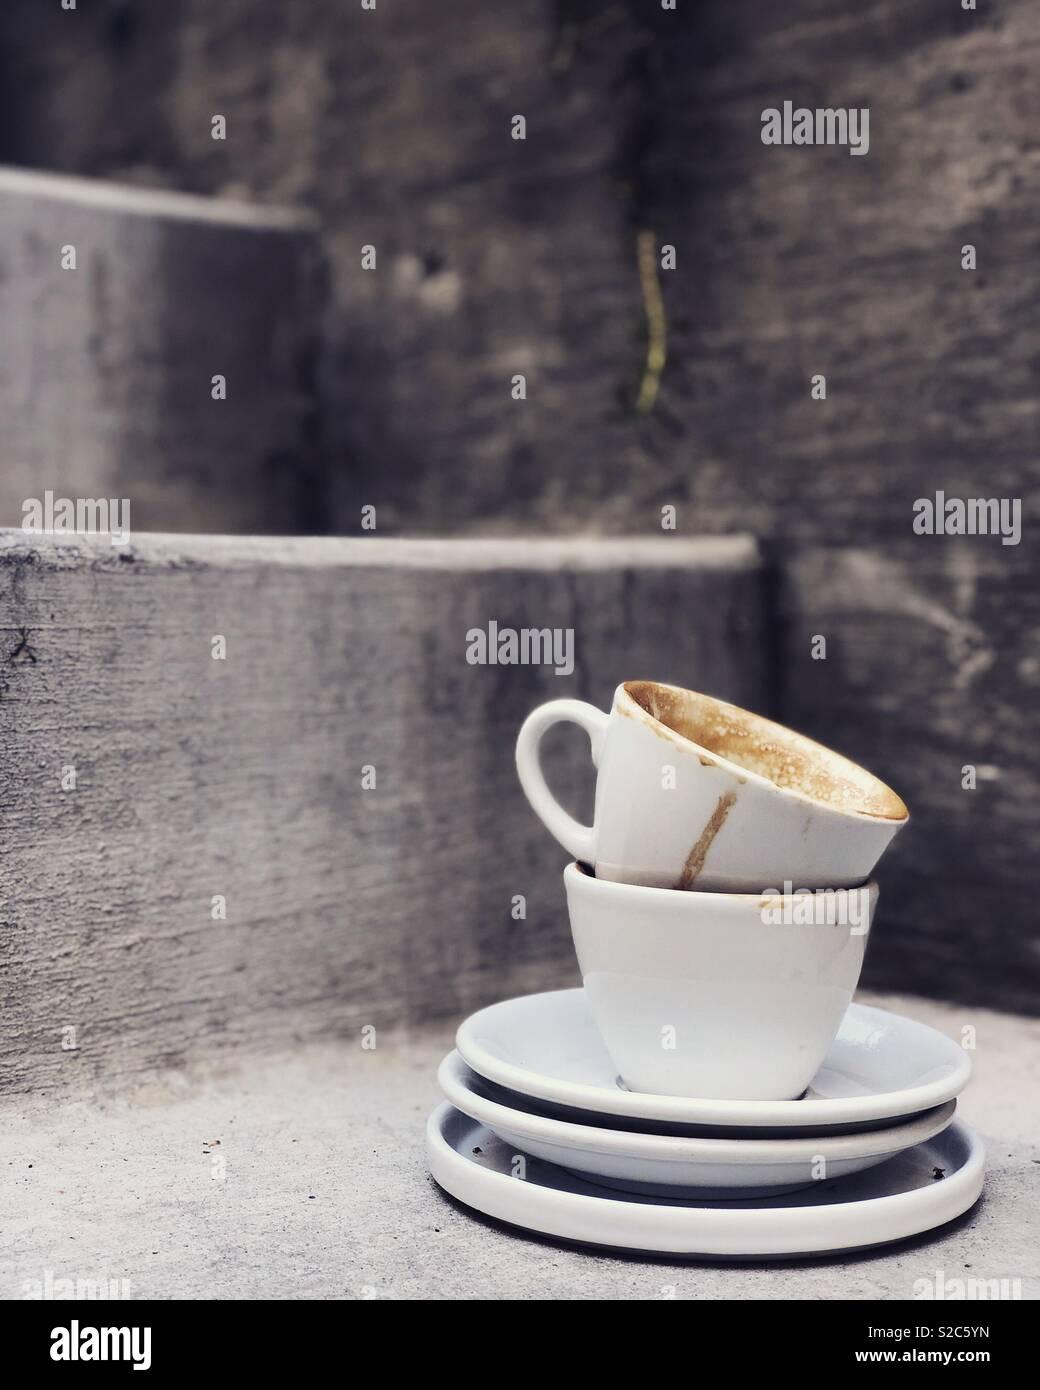 Tazas de café vacía Imagen De Stock